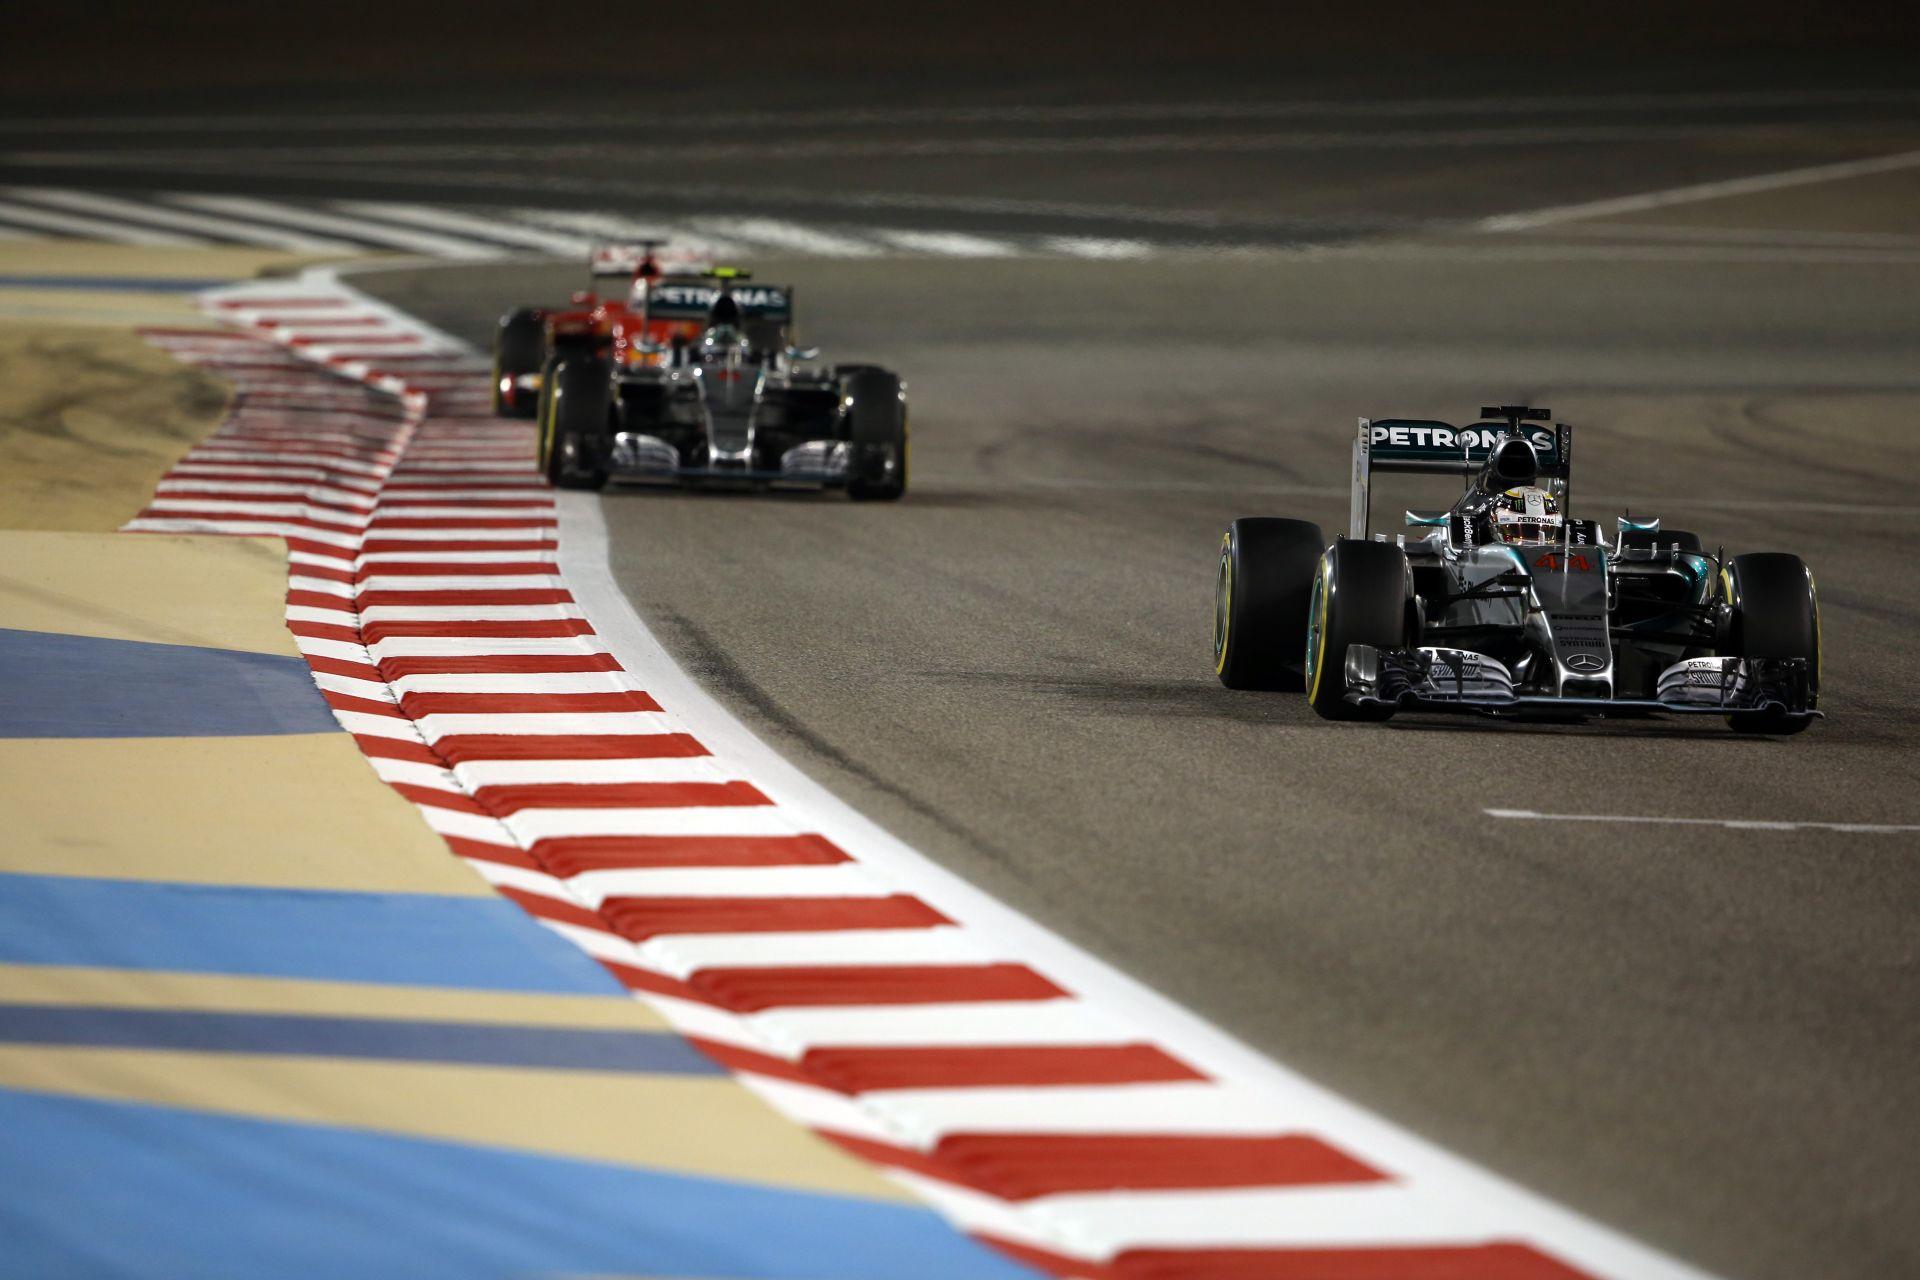 A Mercedes megfejtette, hogy milyen fékhibával álltak szemben Bahreinben